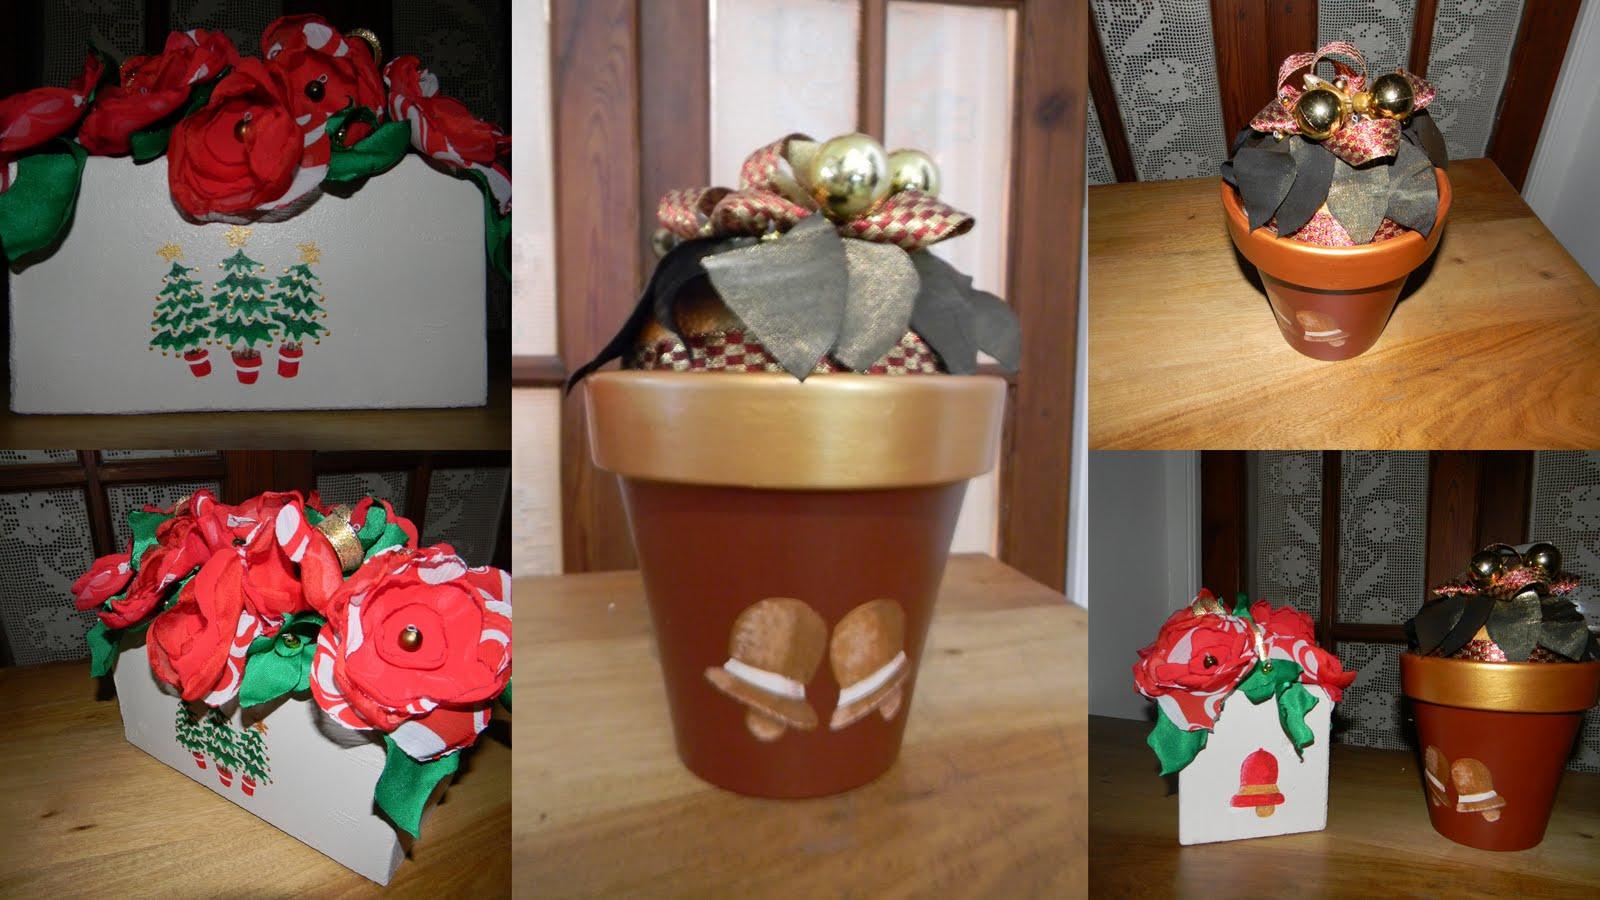 Macetas con estilo noviembre 2010 - Mesas de navidad decoradas sencillas ...